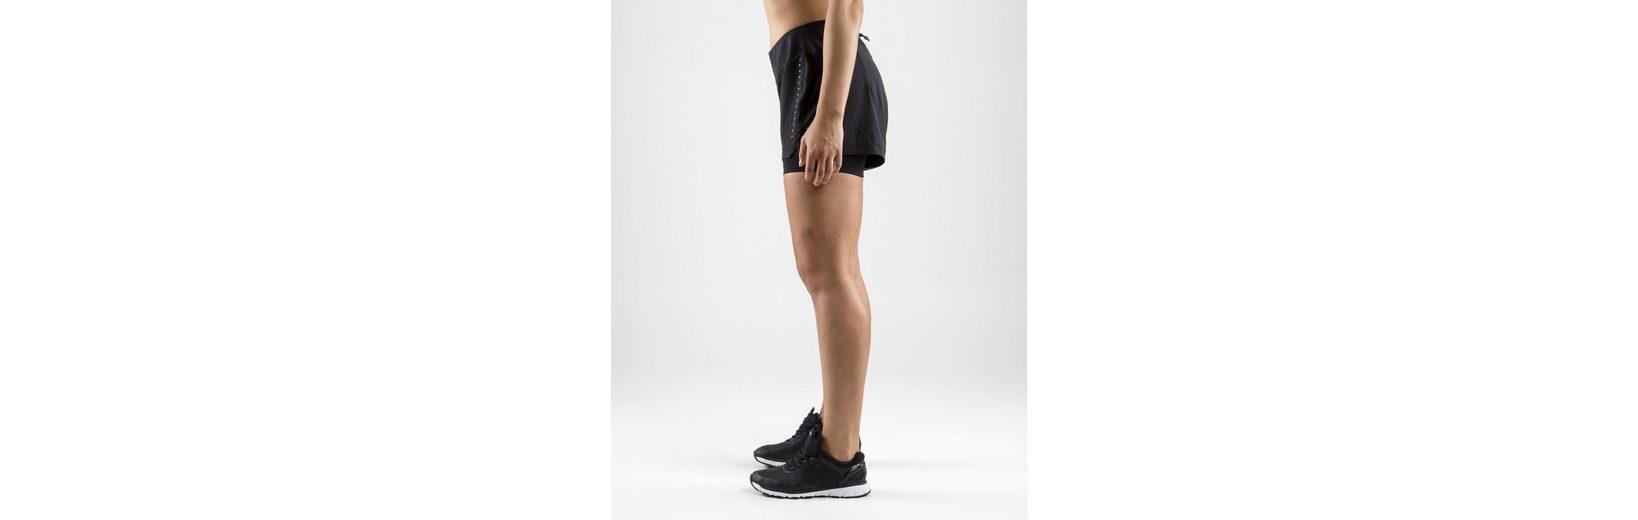 Extrem Zum Verkauf Rabatt 2018 Neueste Craft Hose Essential 2-In-1 Shorts Women Hyper Online Freies Verschiffen Nagelneues Unisex Angebote DbtCH